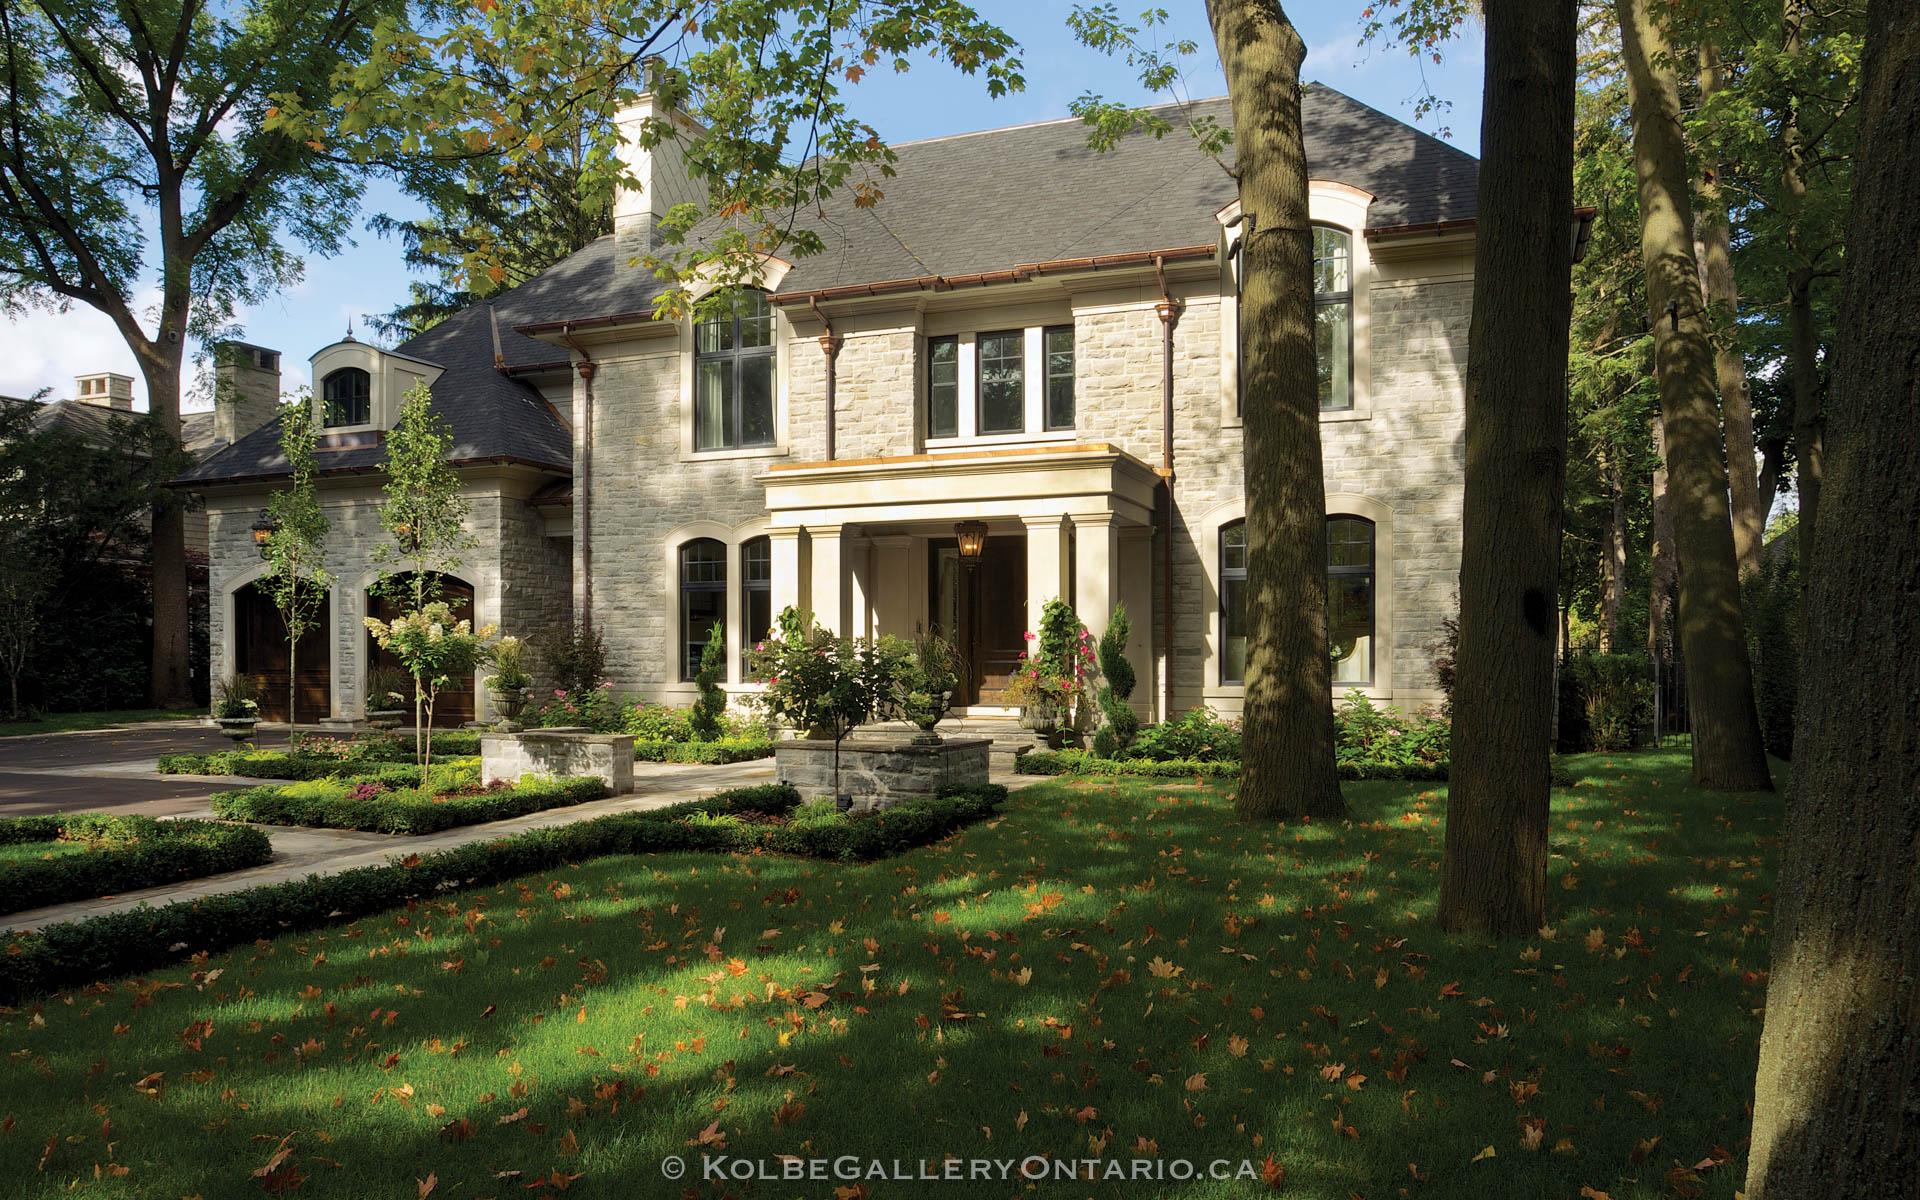 KolbeGalleryOntario.ca-windows-and-doors-backgrounds-20130903-153628